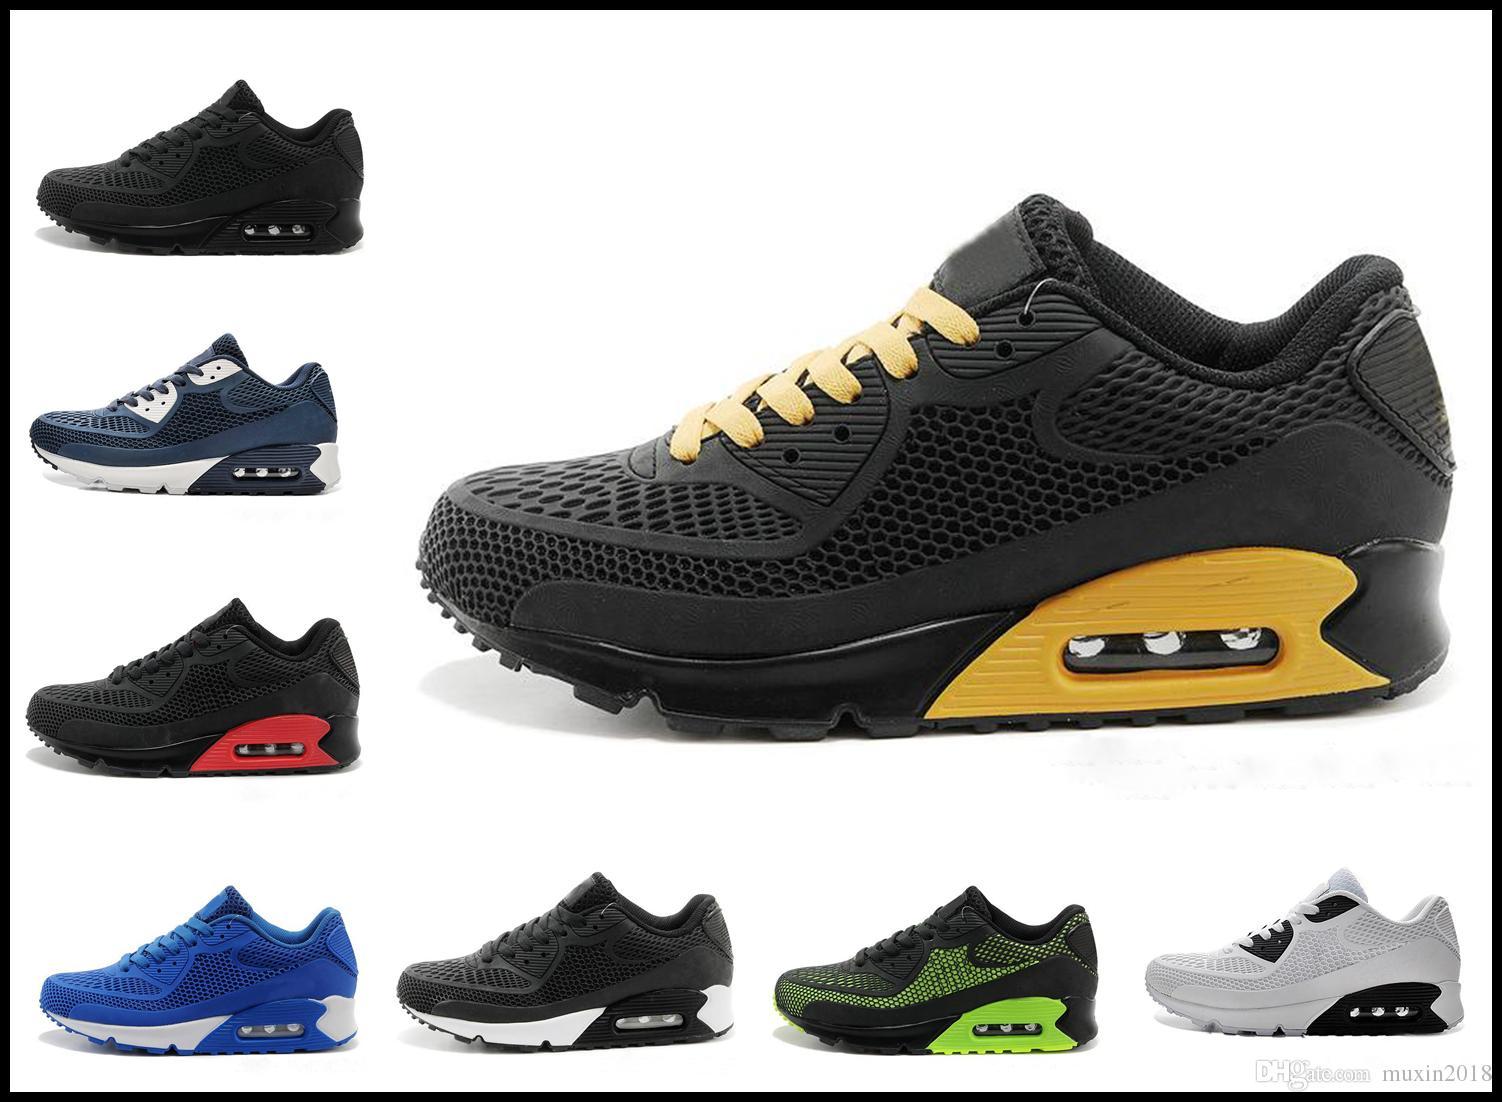 16bc81d87b97f Compre Nike Air Max 90 Kpu Airmax 2017 De Alta Calidad Zapatillas De  Deporte Cojín 90 KPU Hombre Para Mujer Clásico 90 Zapatos Casuales  Zapatillas De ...